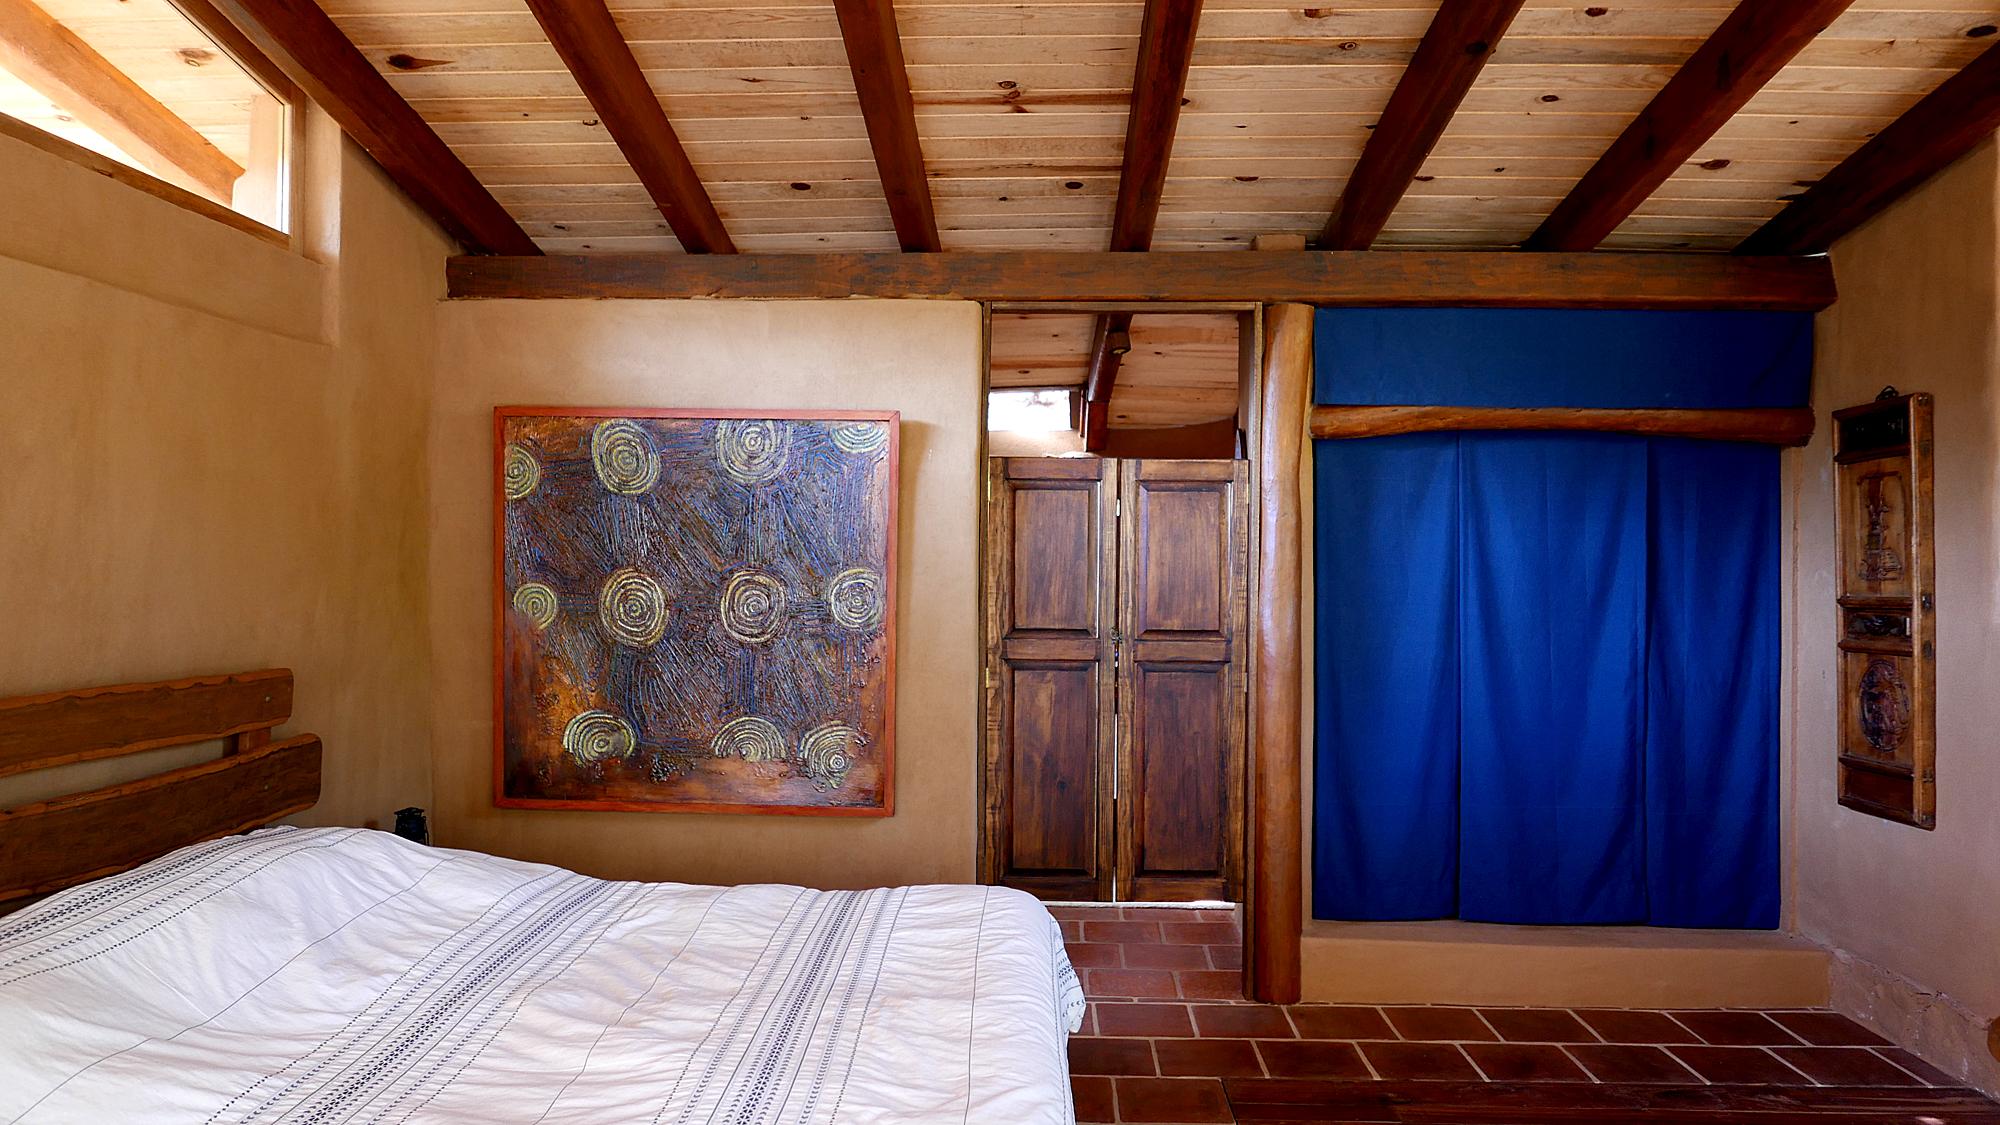 San Sebastian Mexico Anna our house interior